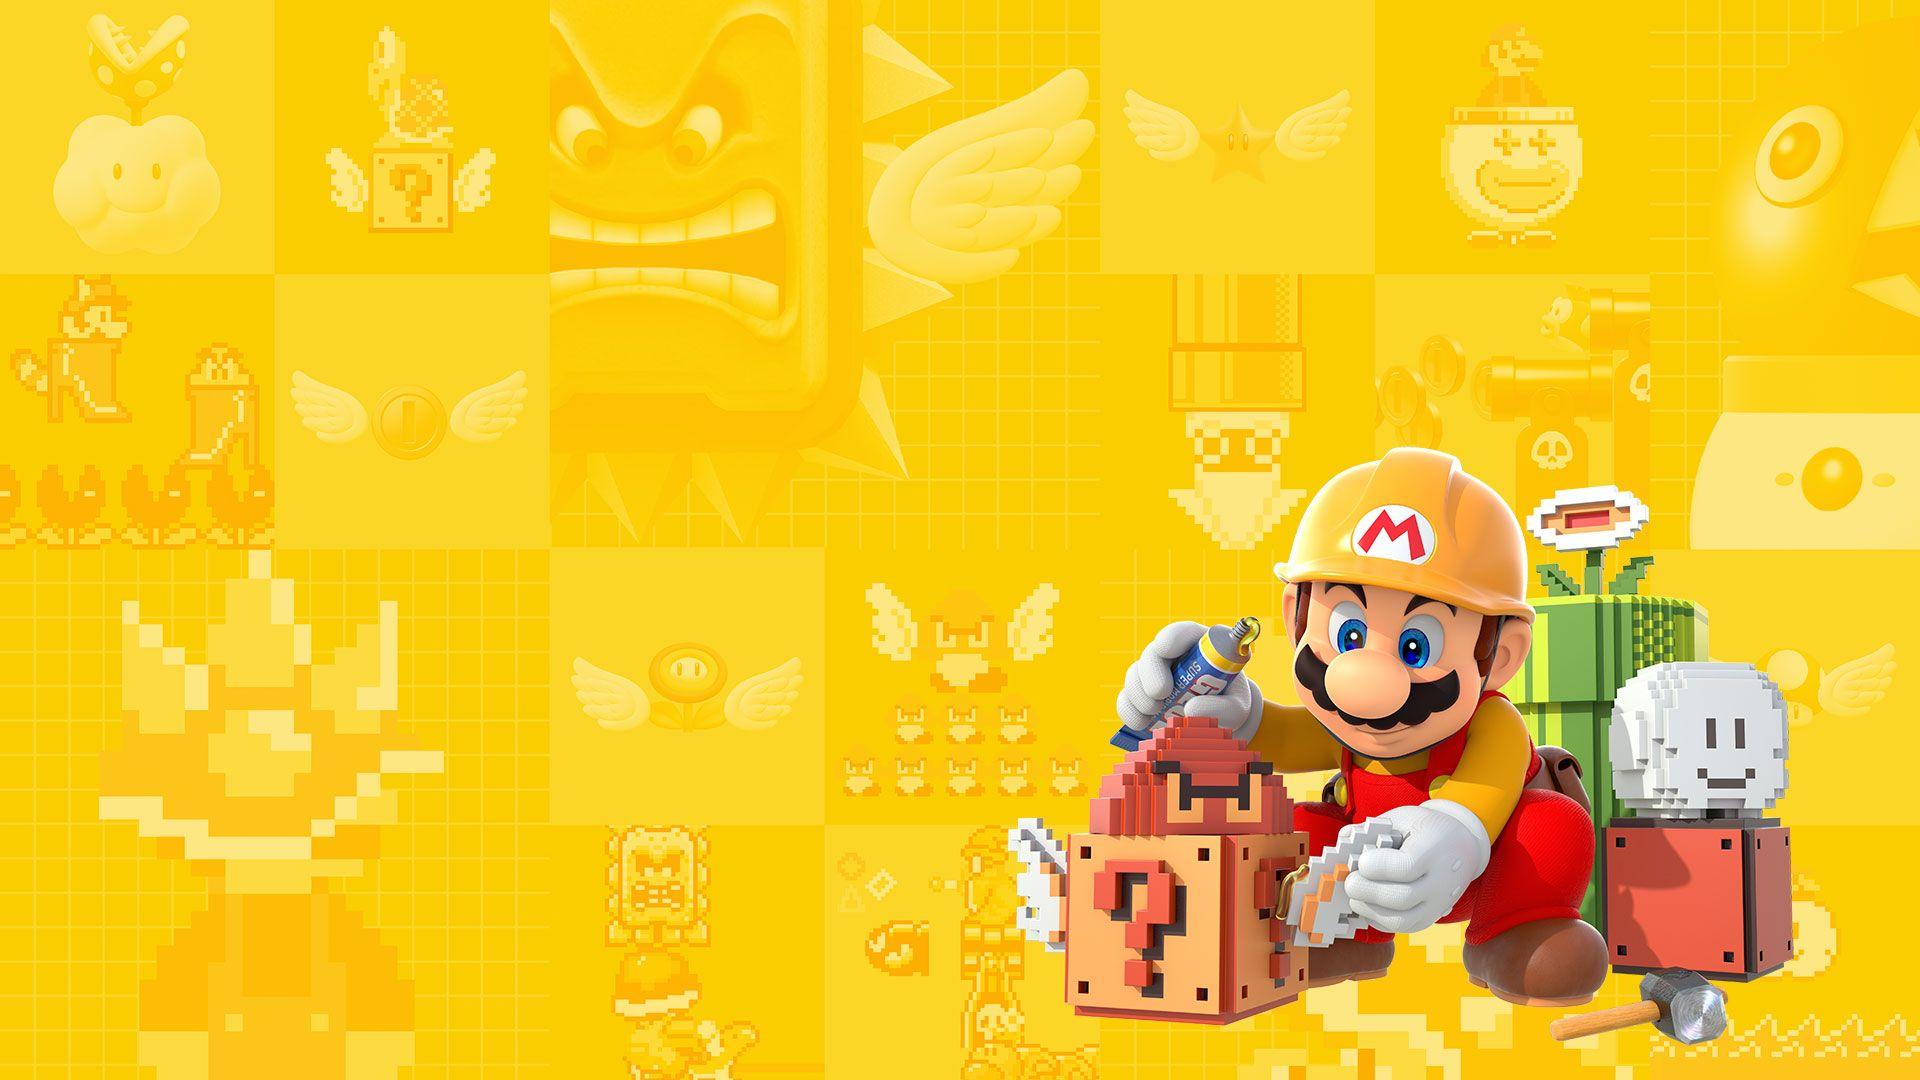 'Super Mario Maker' a brilliant entry in the 'Super Mario